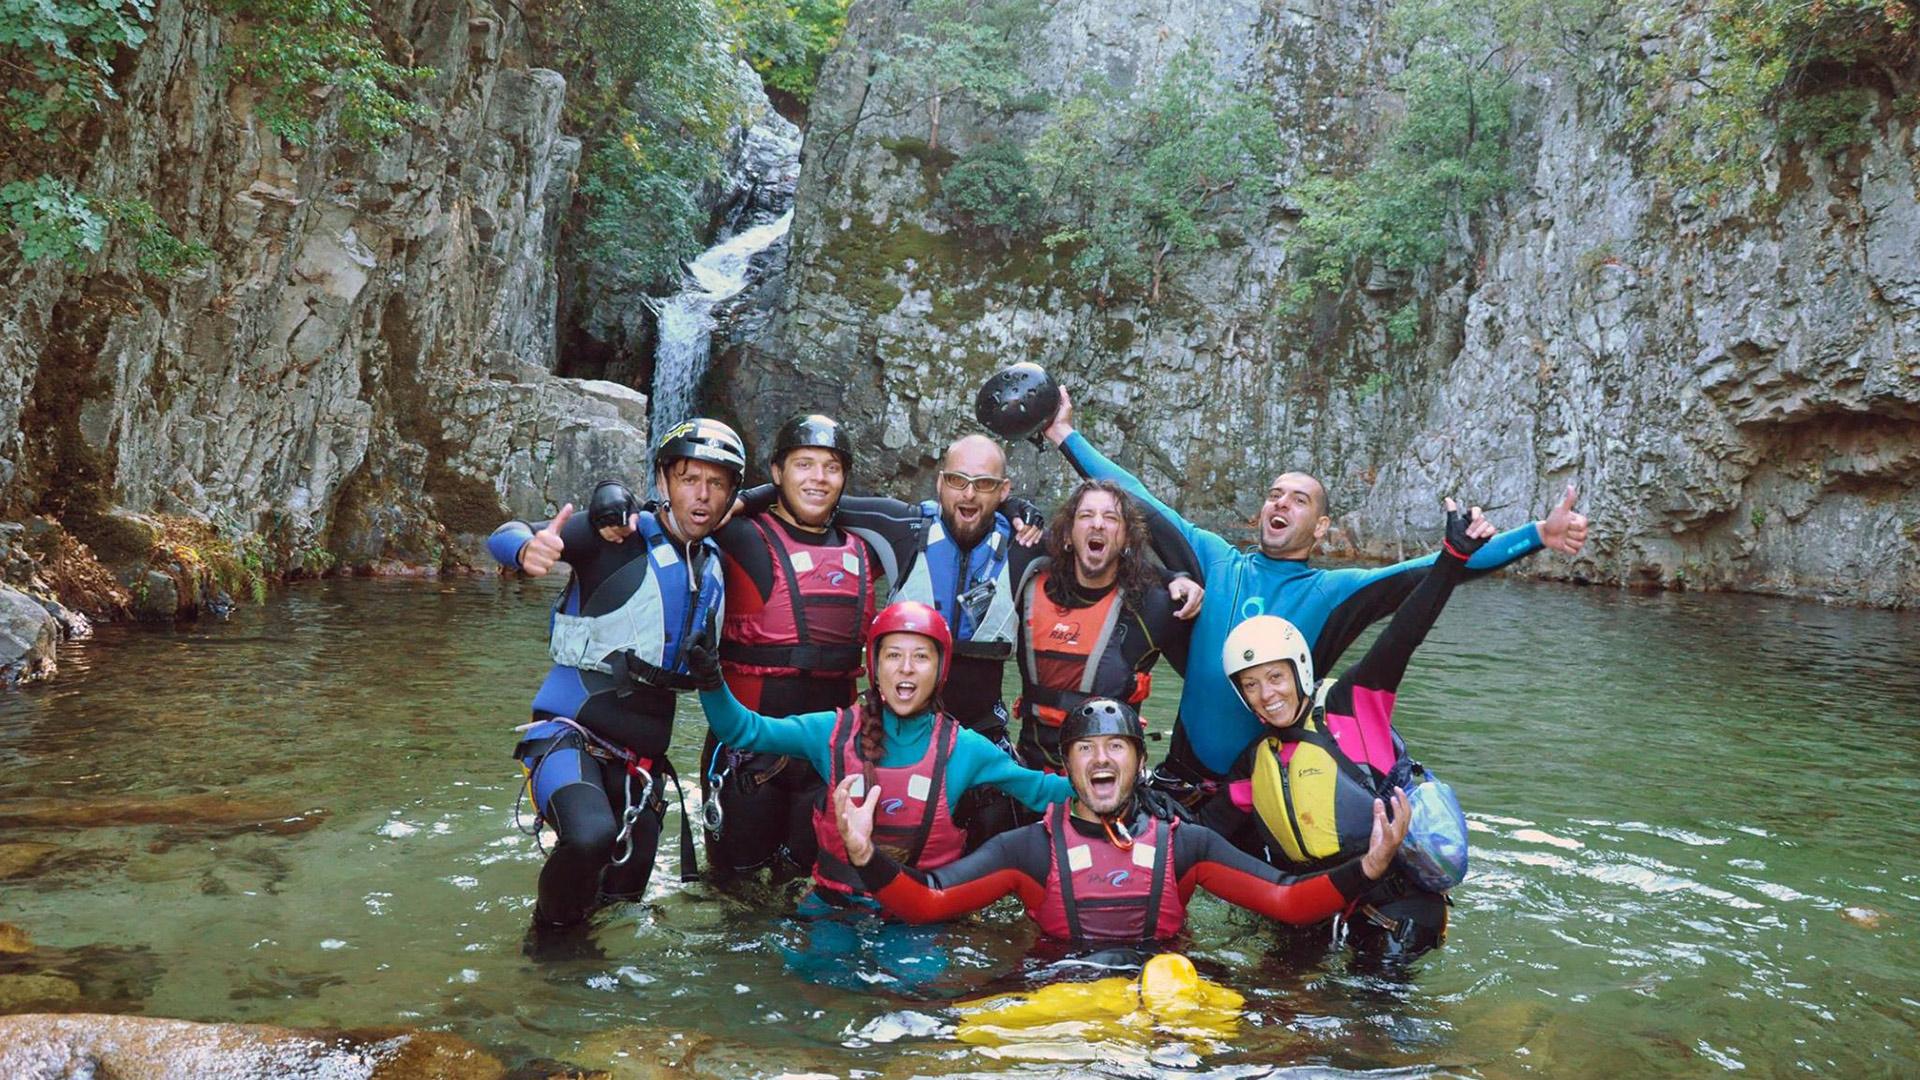 Samothrake adventure tour